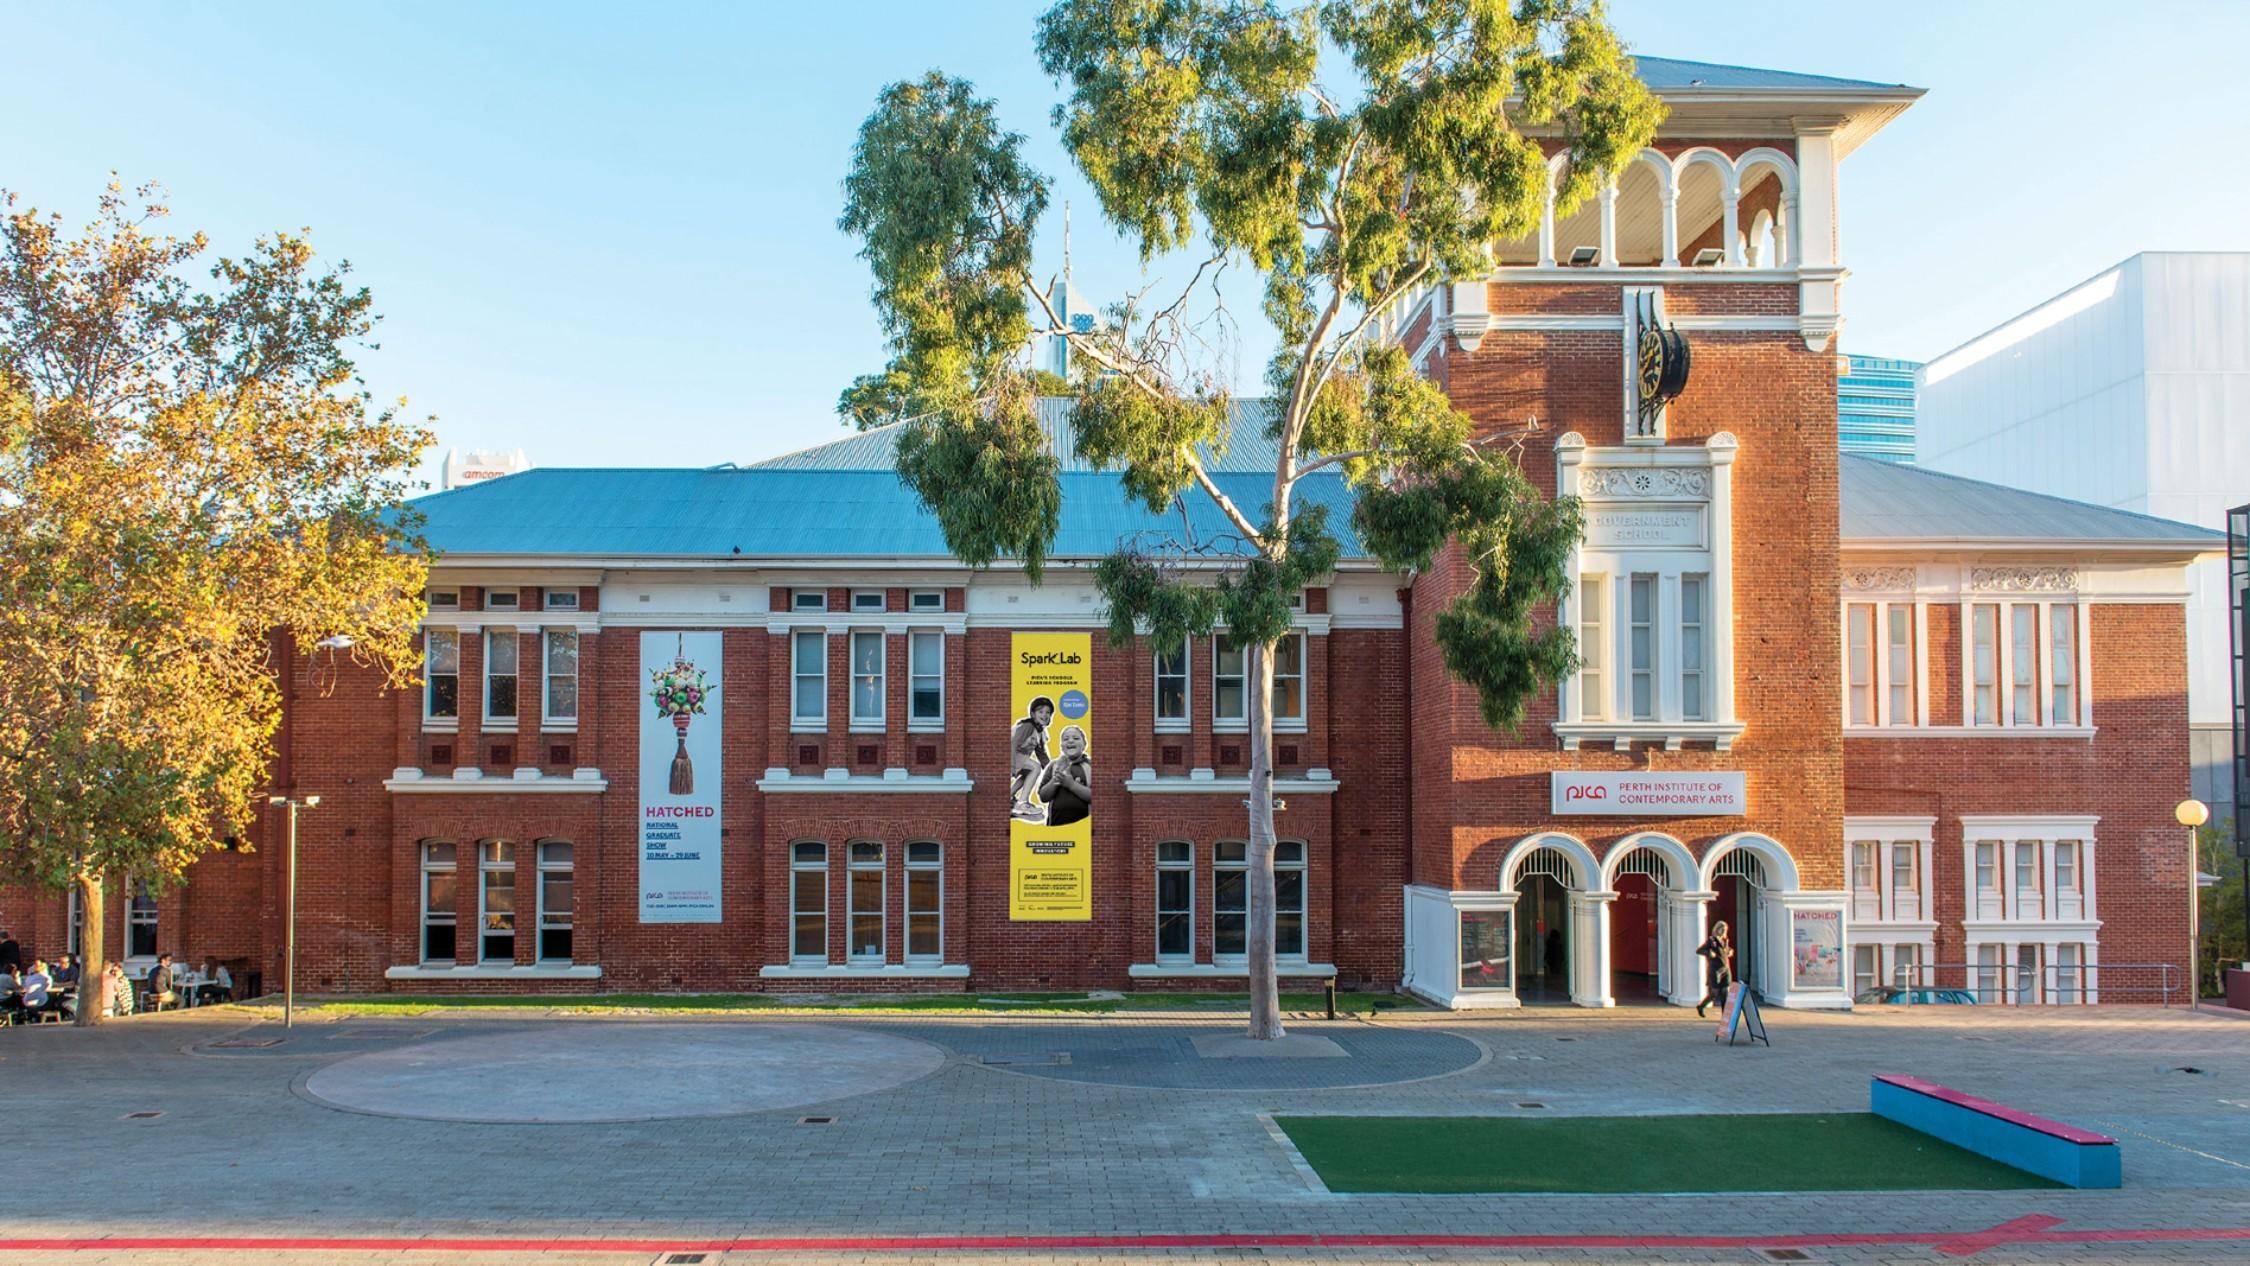 Perth Institute of Contemporary Arts (PICA)